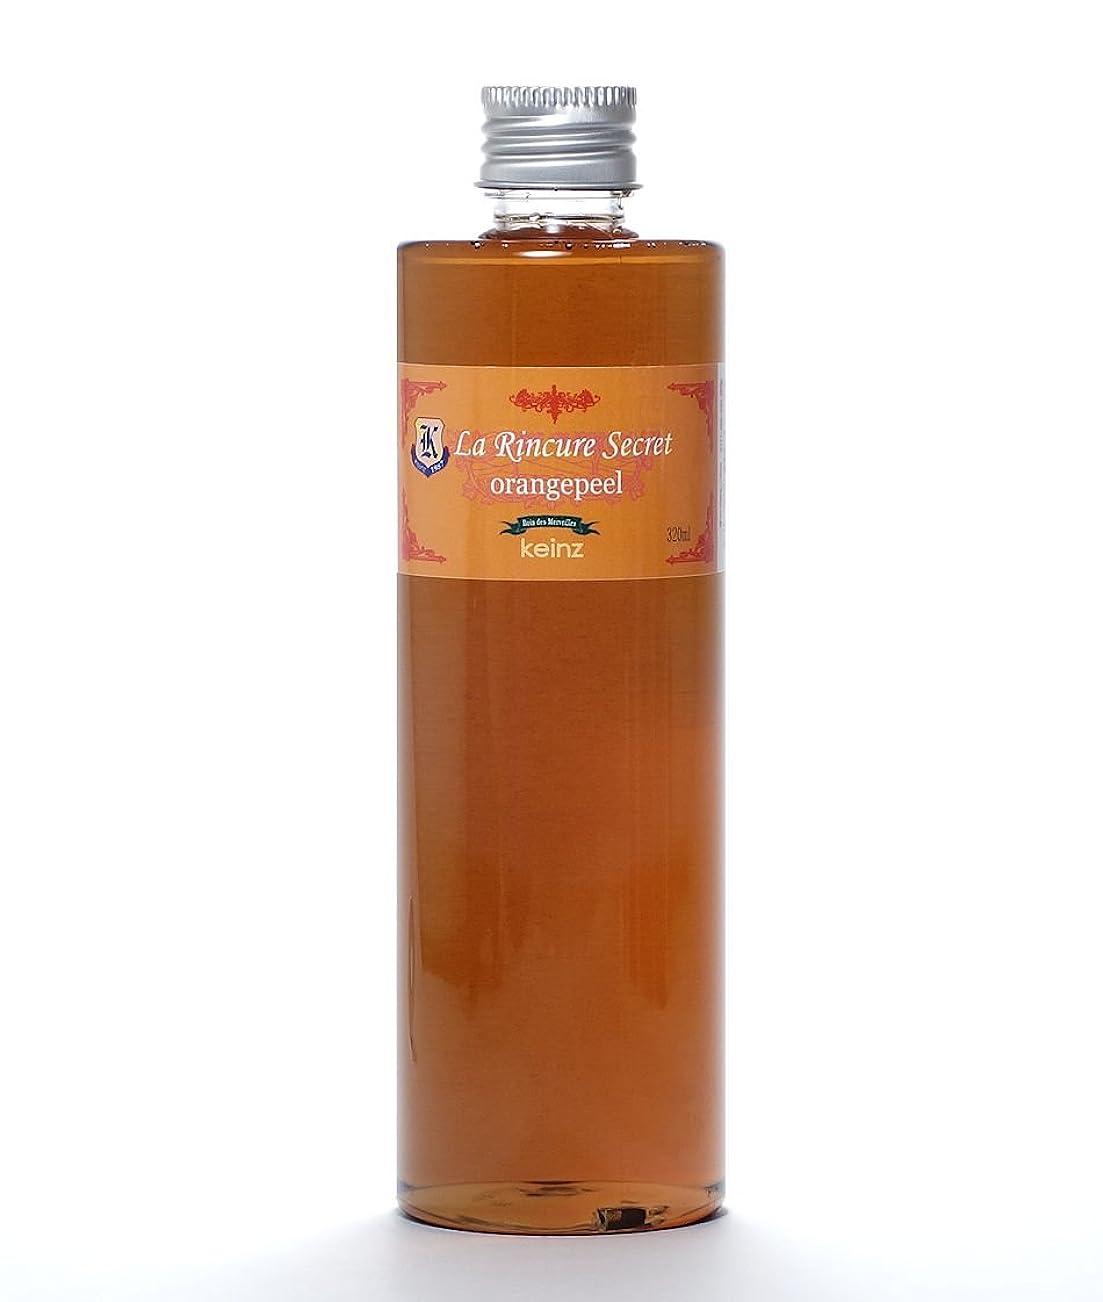 腐敗したシンポジウム埋めるkeinz 石鹸シャンプー専用 オレンジの果皮(カリフォルニア産)で作った気持ちの良いハーブトリートメント 『秘密のすすぎ水/オレンジピール』【送料無料】完全無添加 化学薬品不使用 450g(約130回分/320ml) 弱酸性 敏感肌用 ゼリータイプ オレンジピール?ドライハーブを漬け込んでエキスを抽出